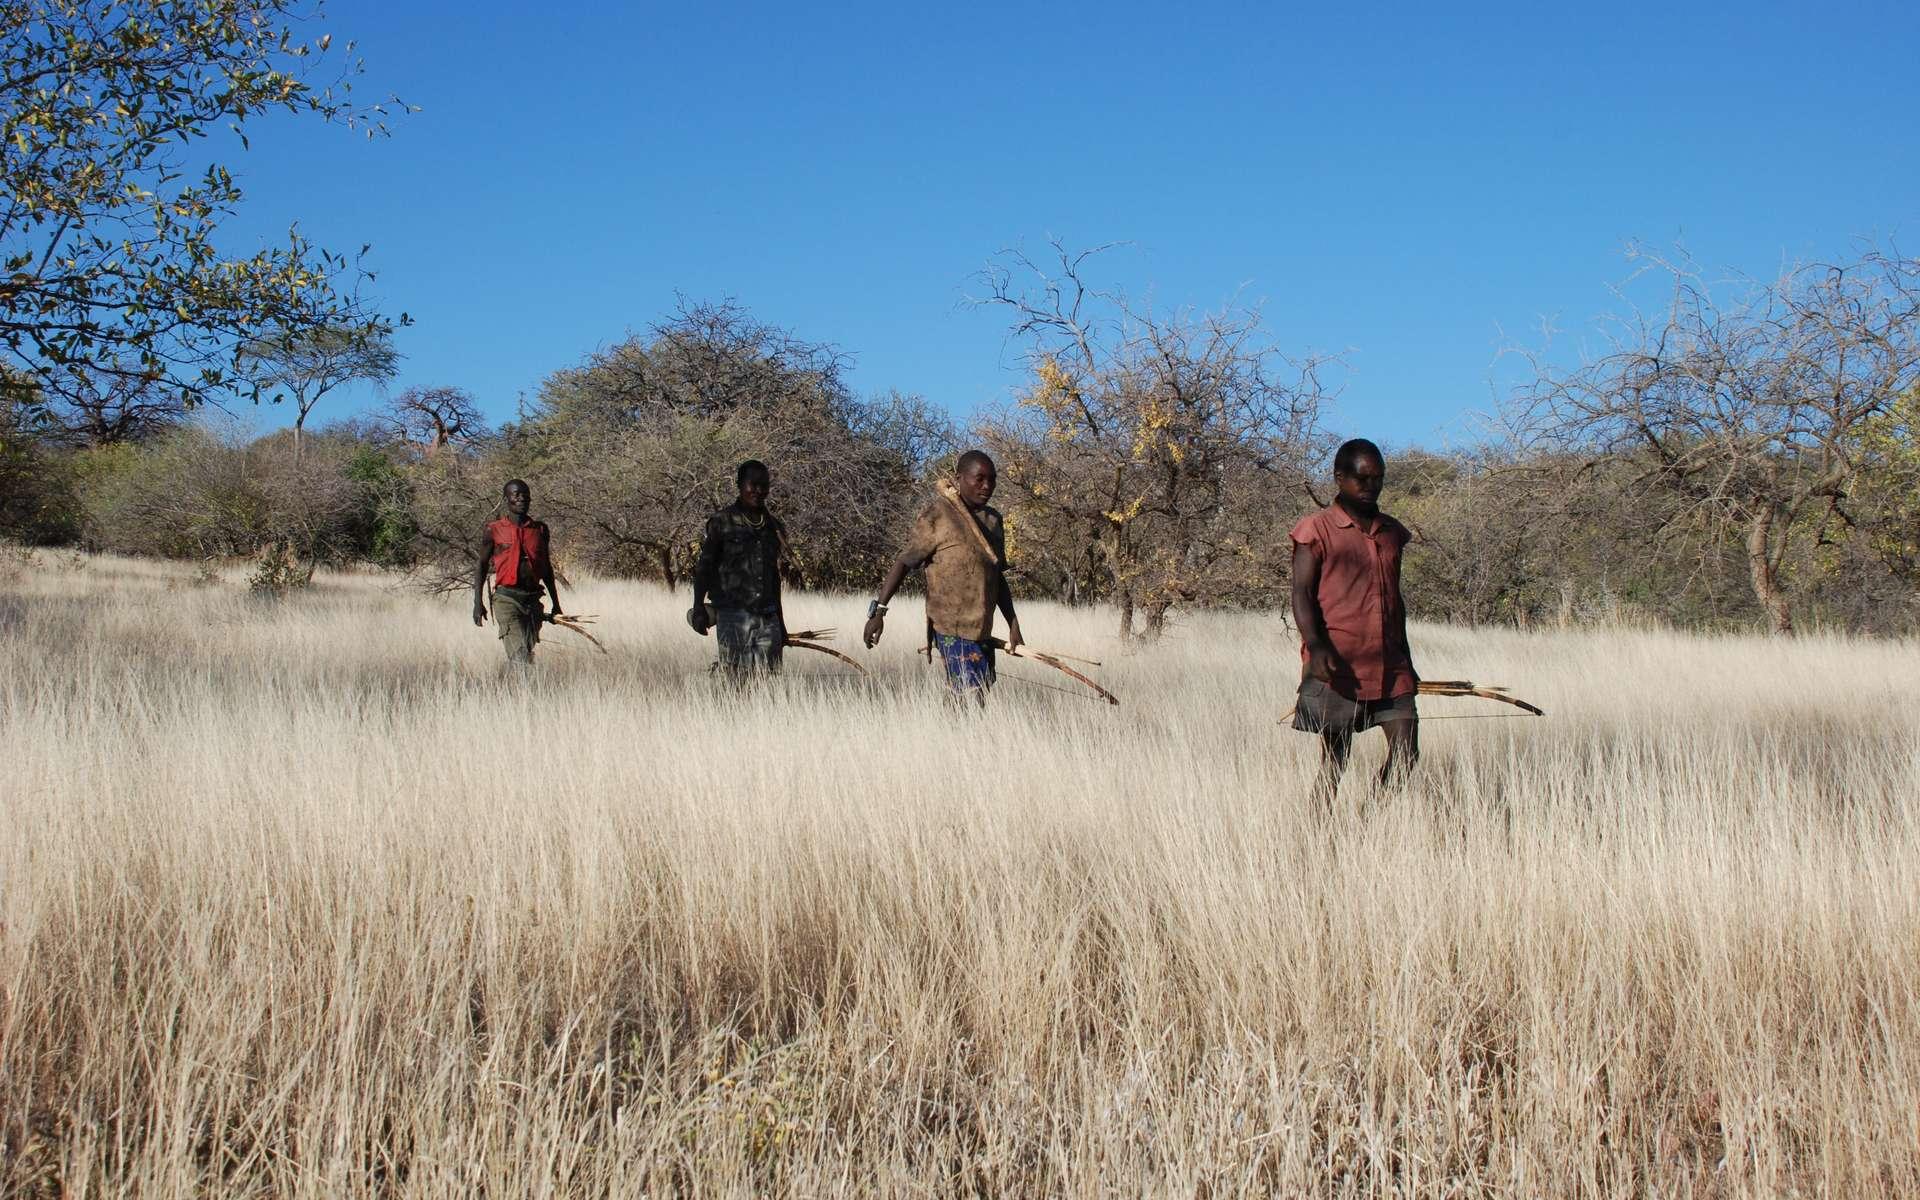 Les Hadzas de Tanzanie ont porté des bracelets GPS qui ont permis à des anthropologues d'étudier leurs mouvements pendant la chasse ou la recherche de nourriture. © Brian Wood, Yale University